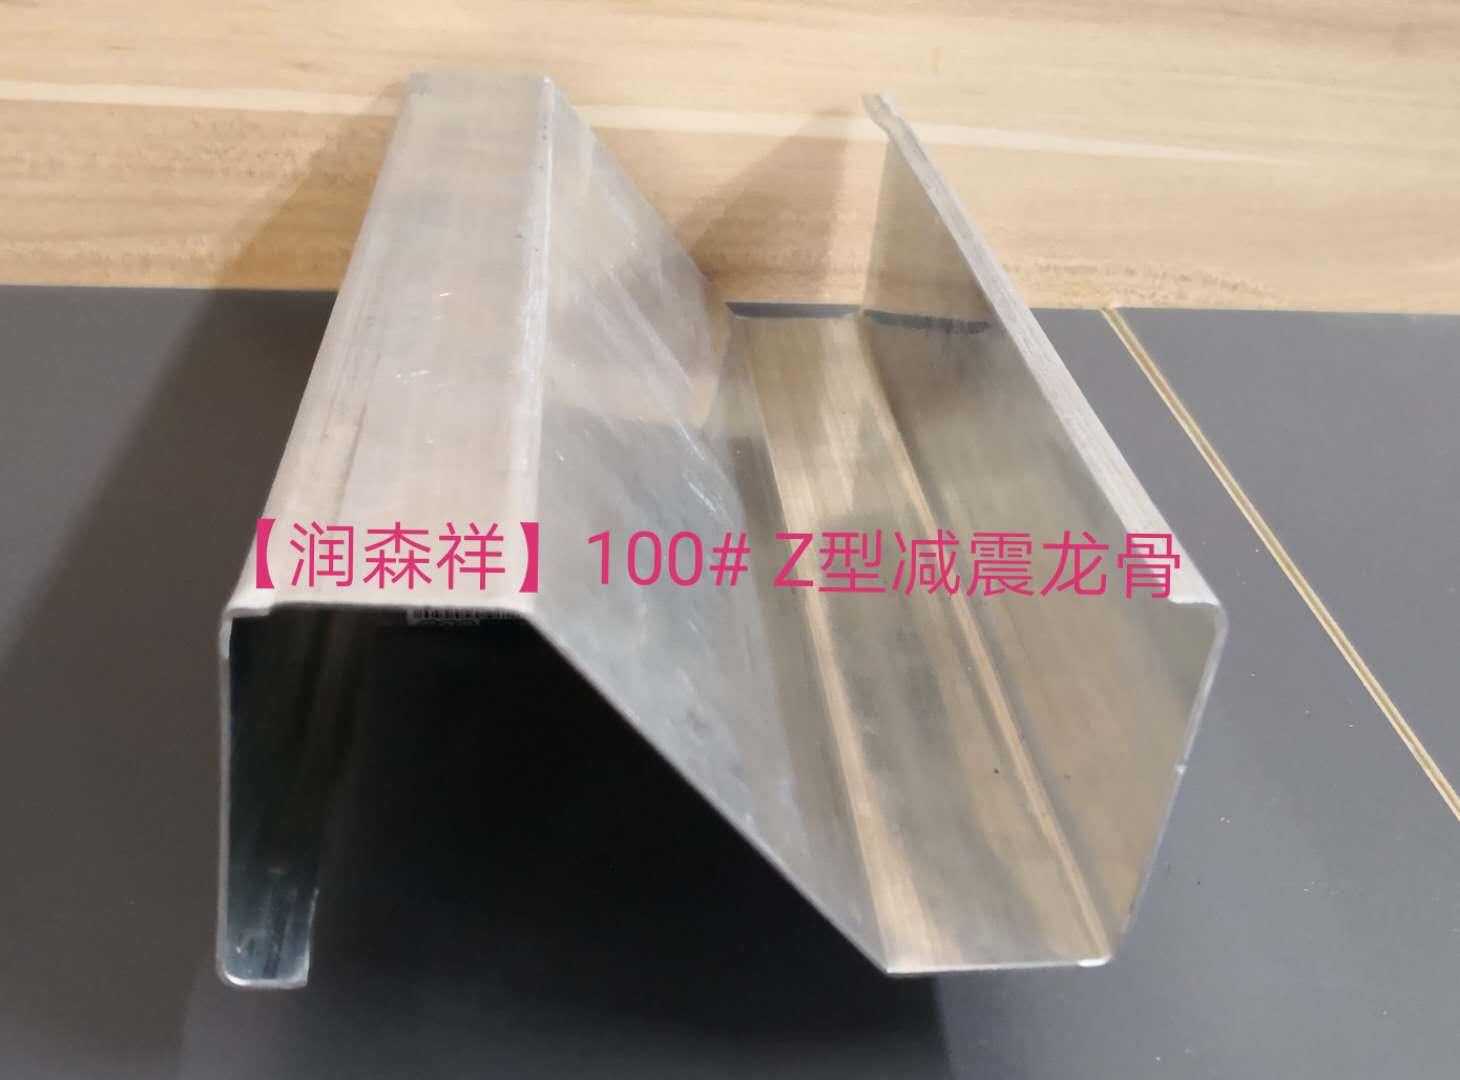 z型減震龍骨定制/z型100減震龍骨/75減震龍骨廠家、企業